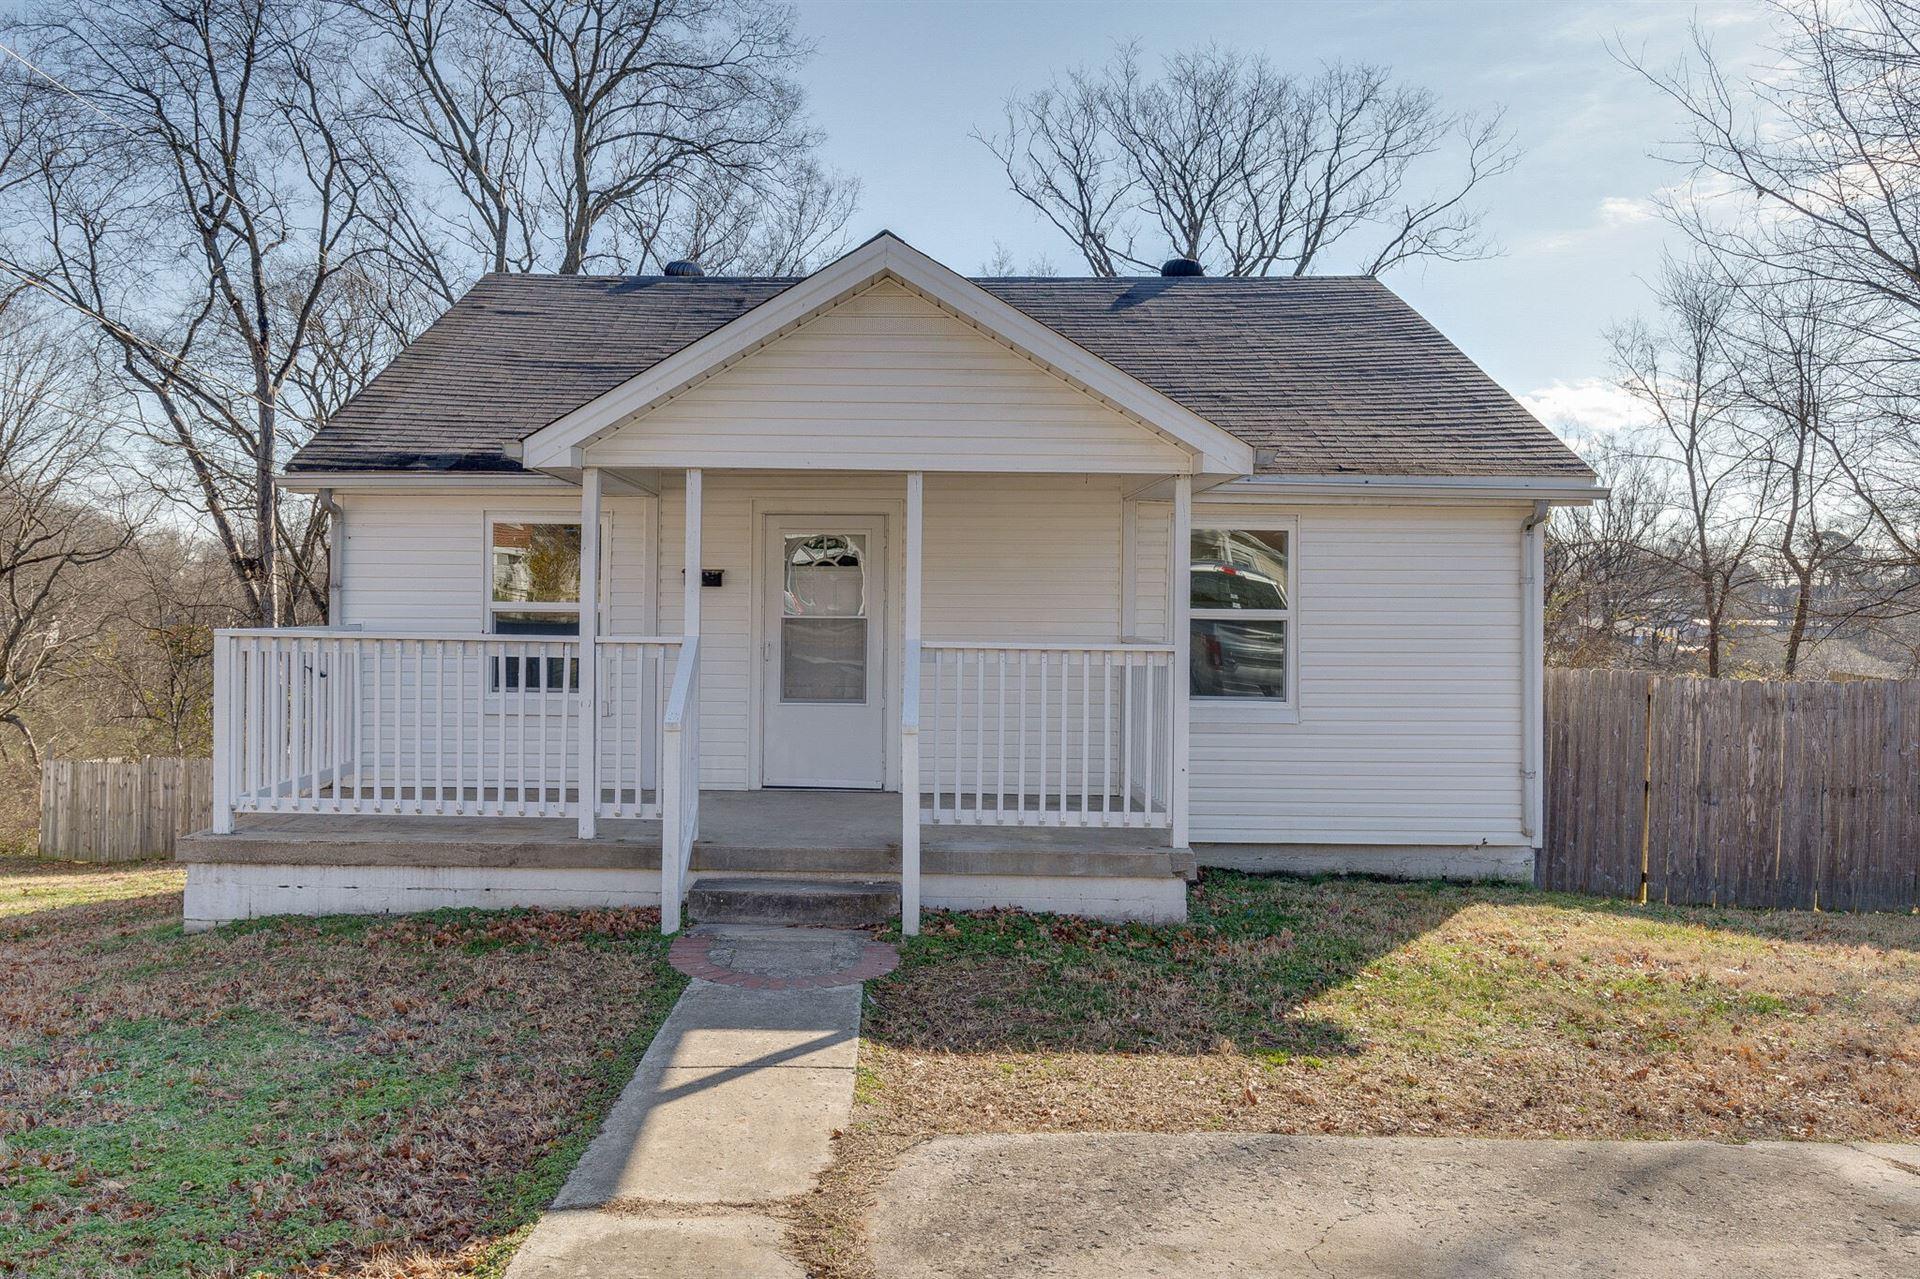 431 Hickman St, Columbia, TN 38401 - MLS#: 2217758